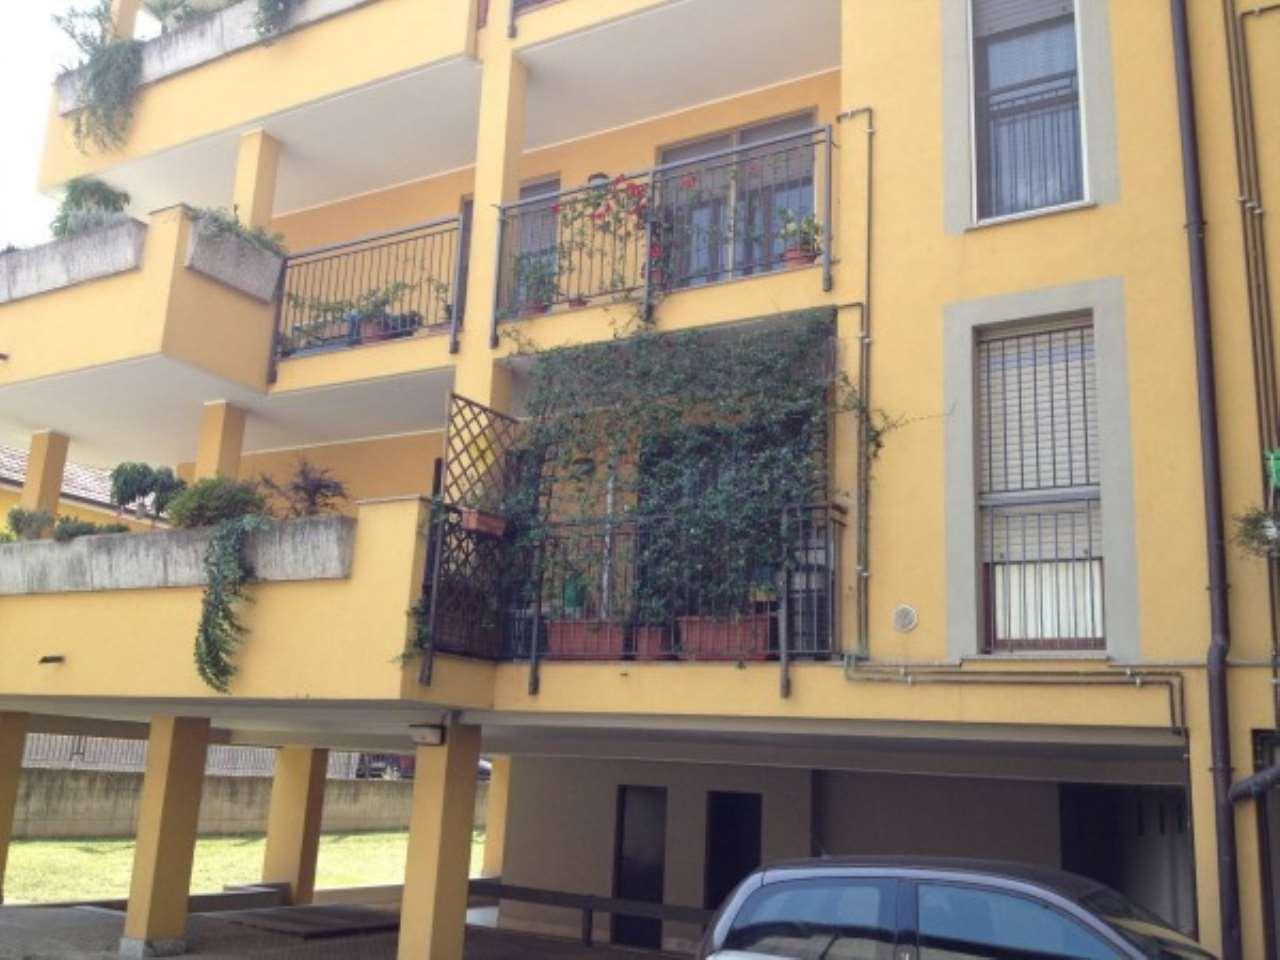 Appartamento in vendita a Carugate, 3 locali, prezzo € 210.000 | CambioCasa.it